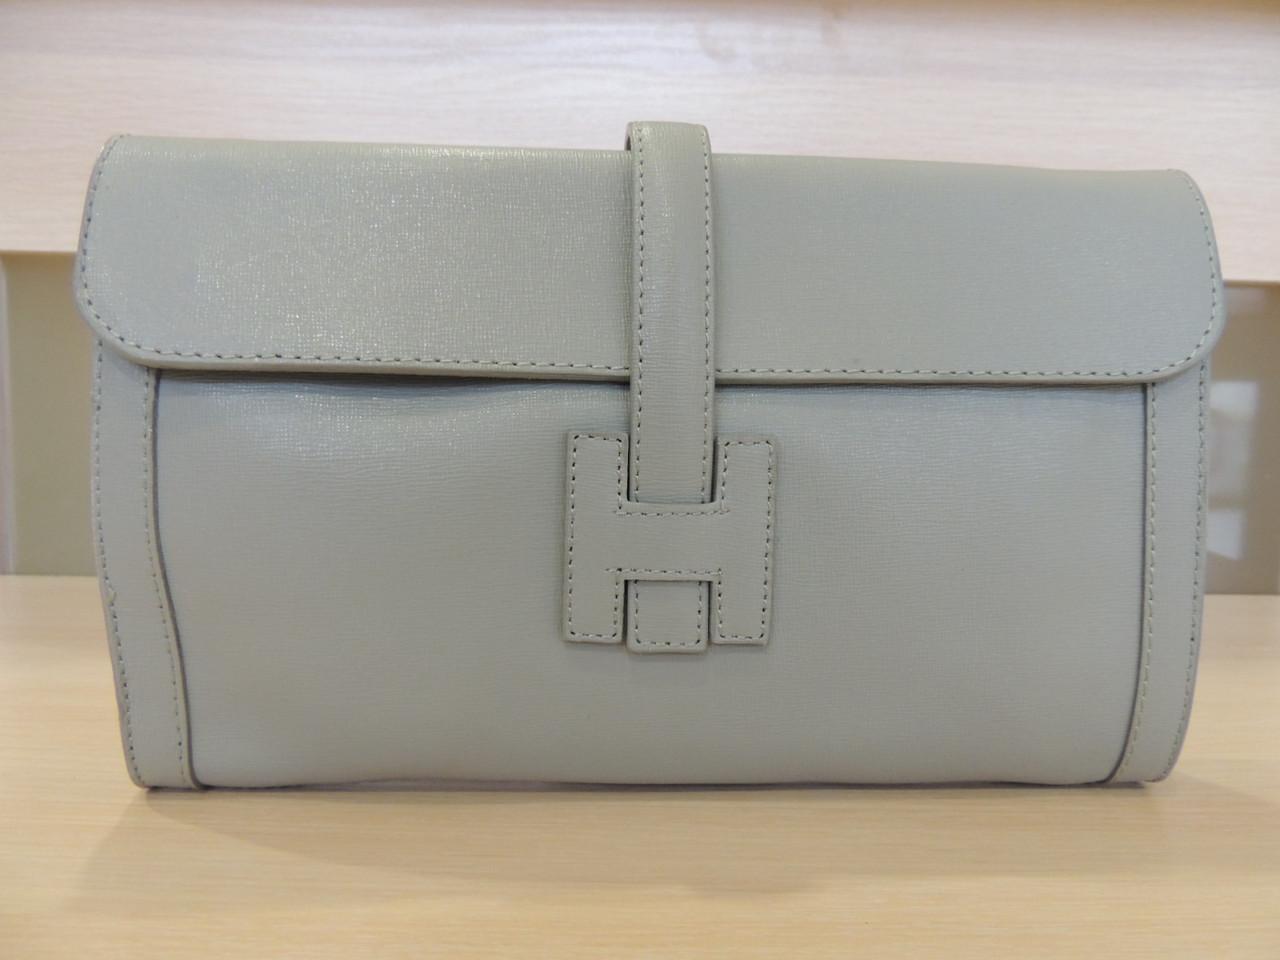 Белая, серая, коричневая, бирюзовая, синяя сумочка - клатч женская кожаная, итальянская. Серый, фото 1